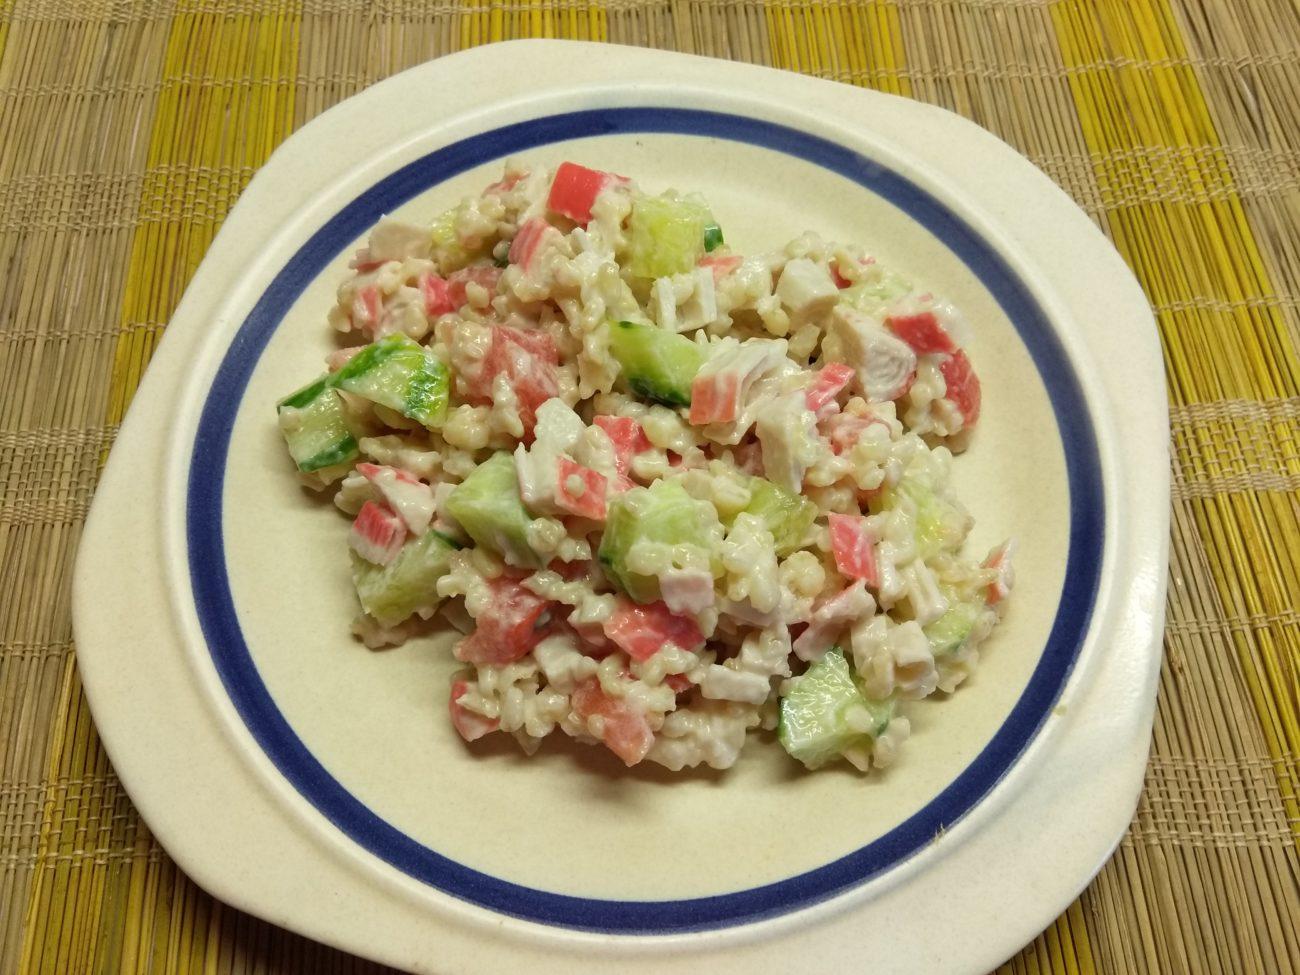 Салат из булгура с крабовыми палочками и овощами